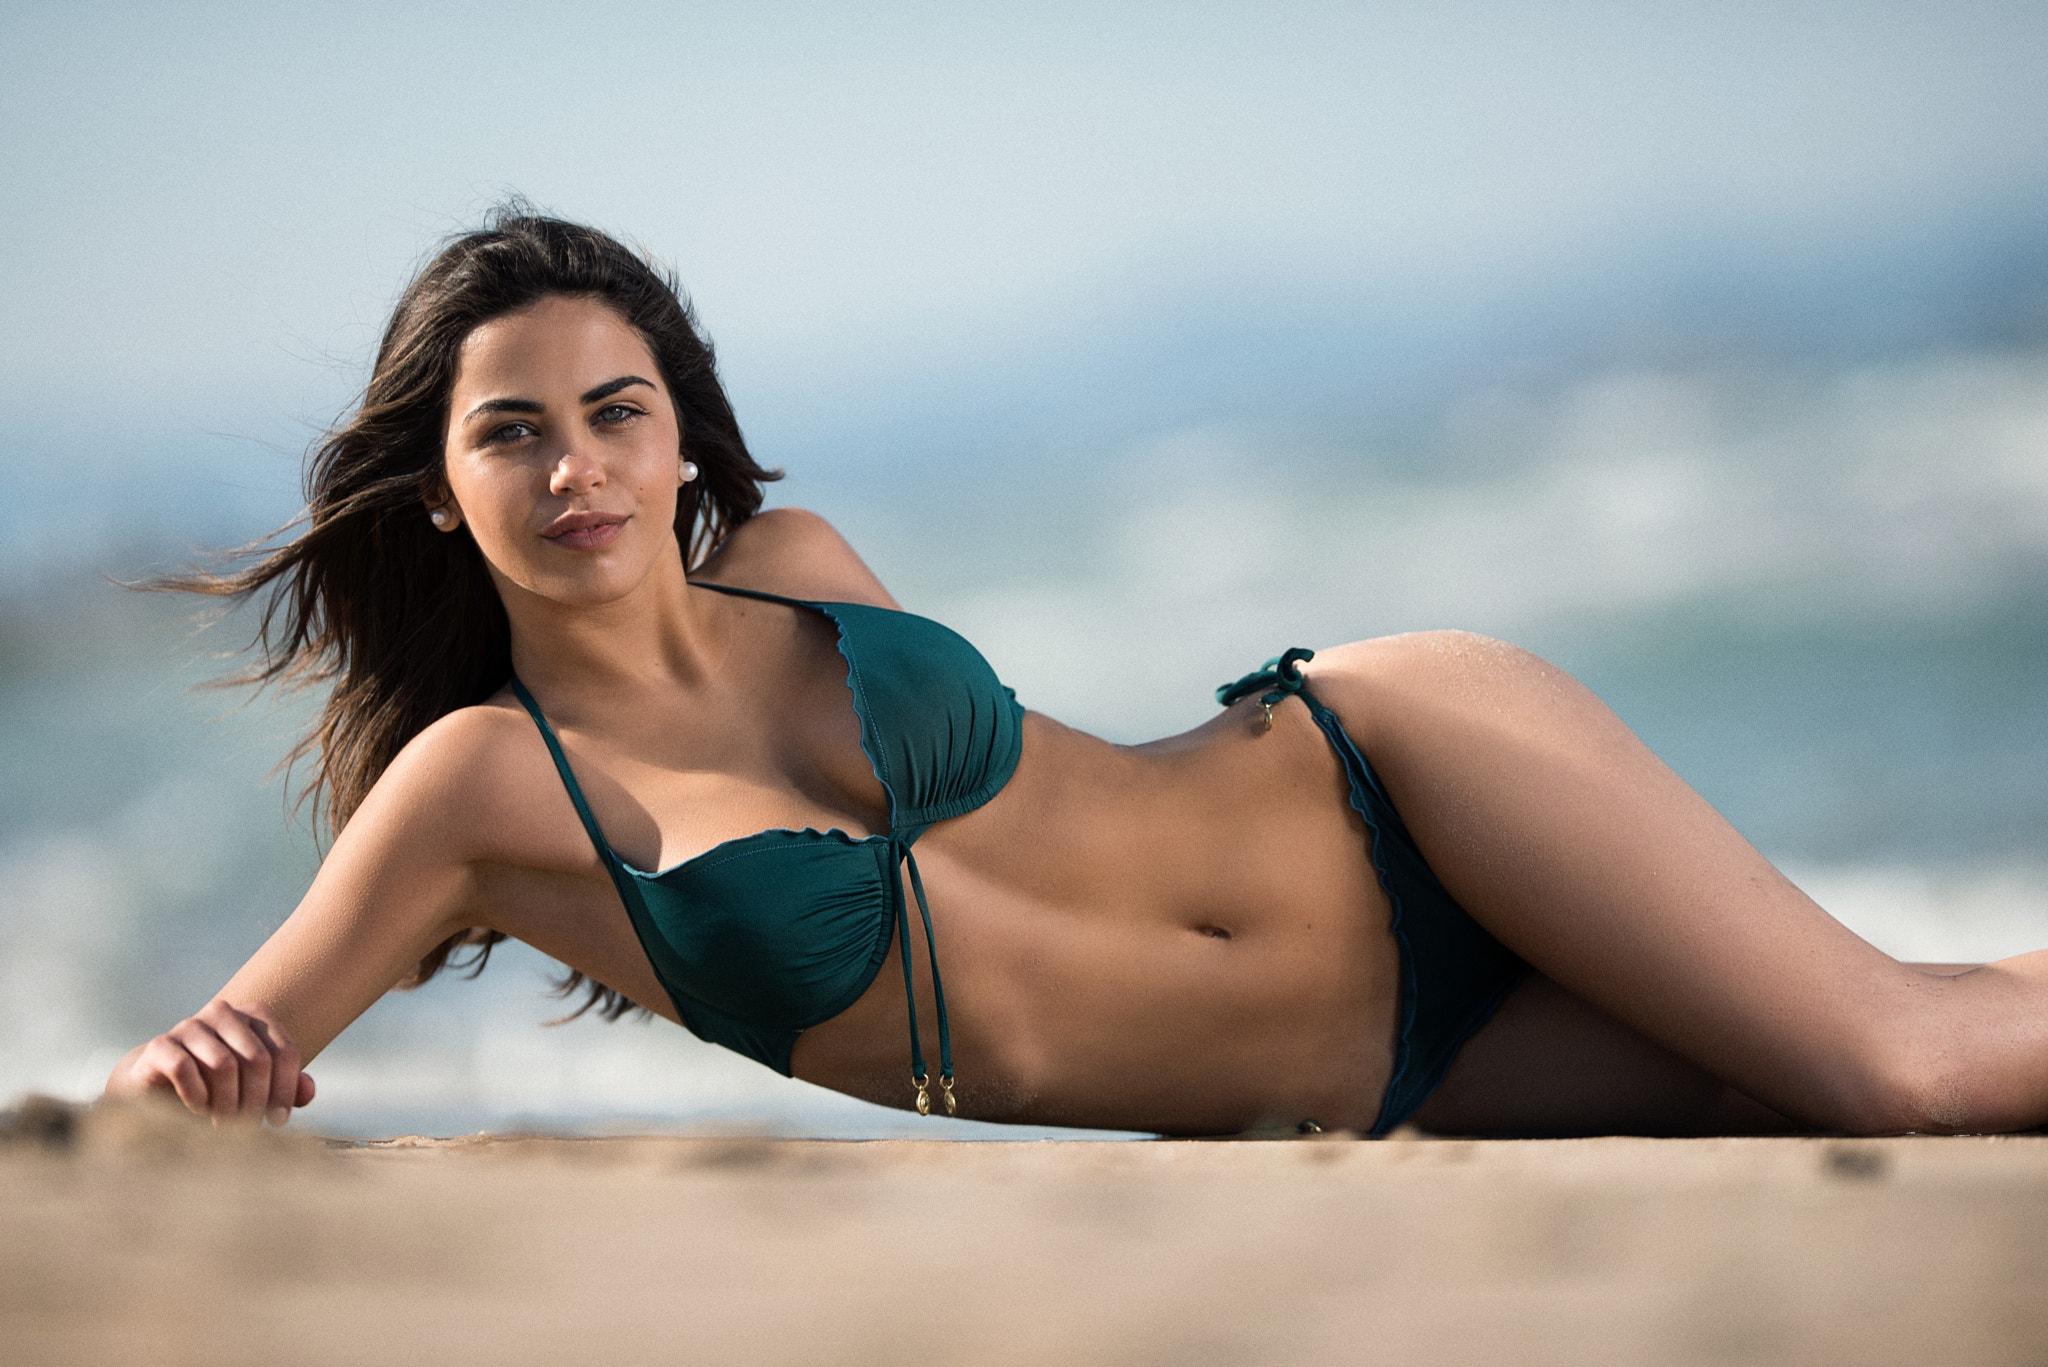 Best value bikini mini top great deals on bikini mini top